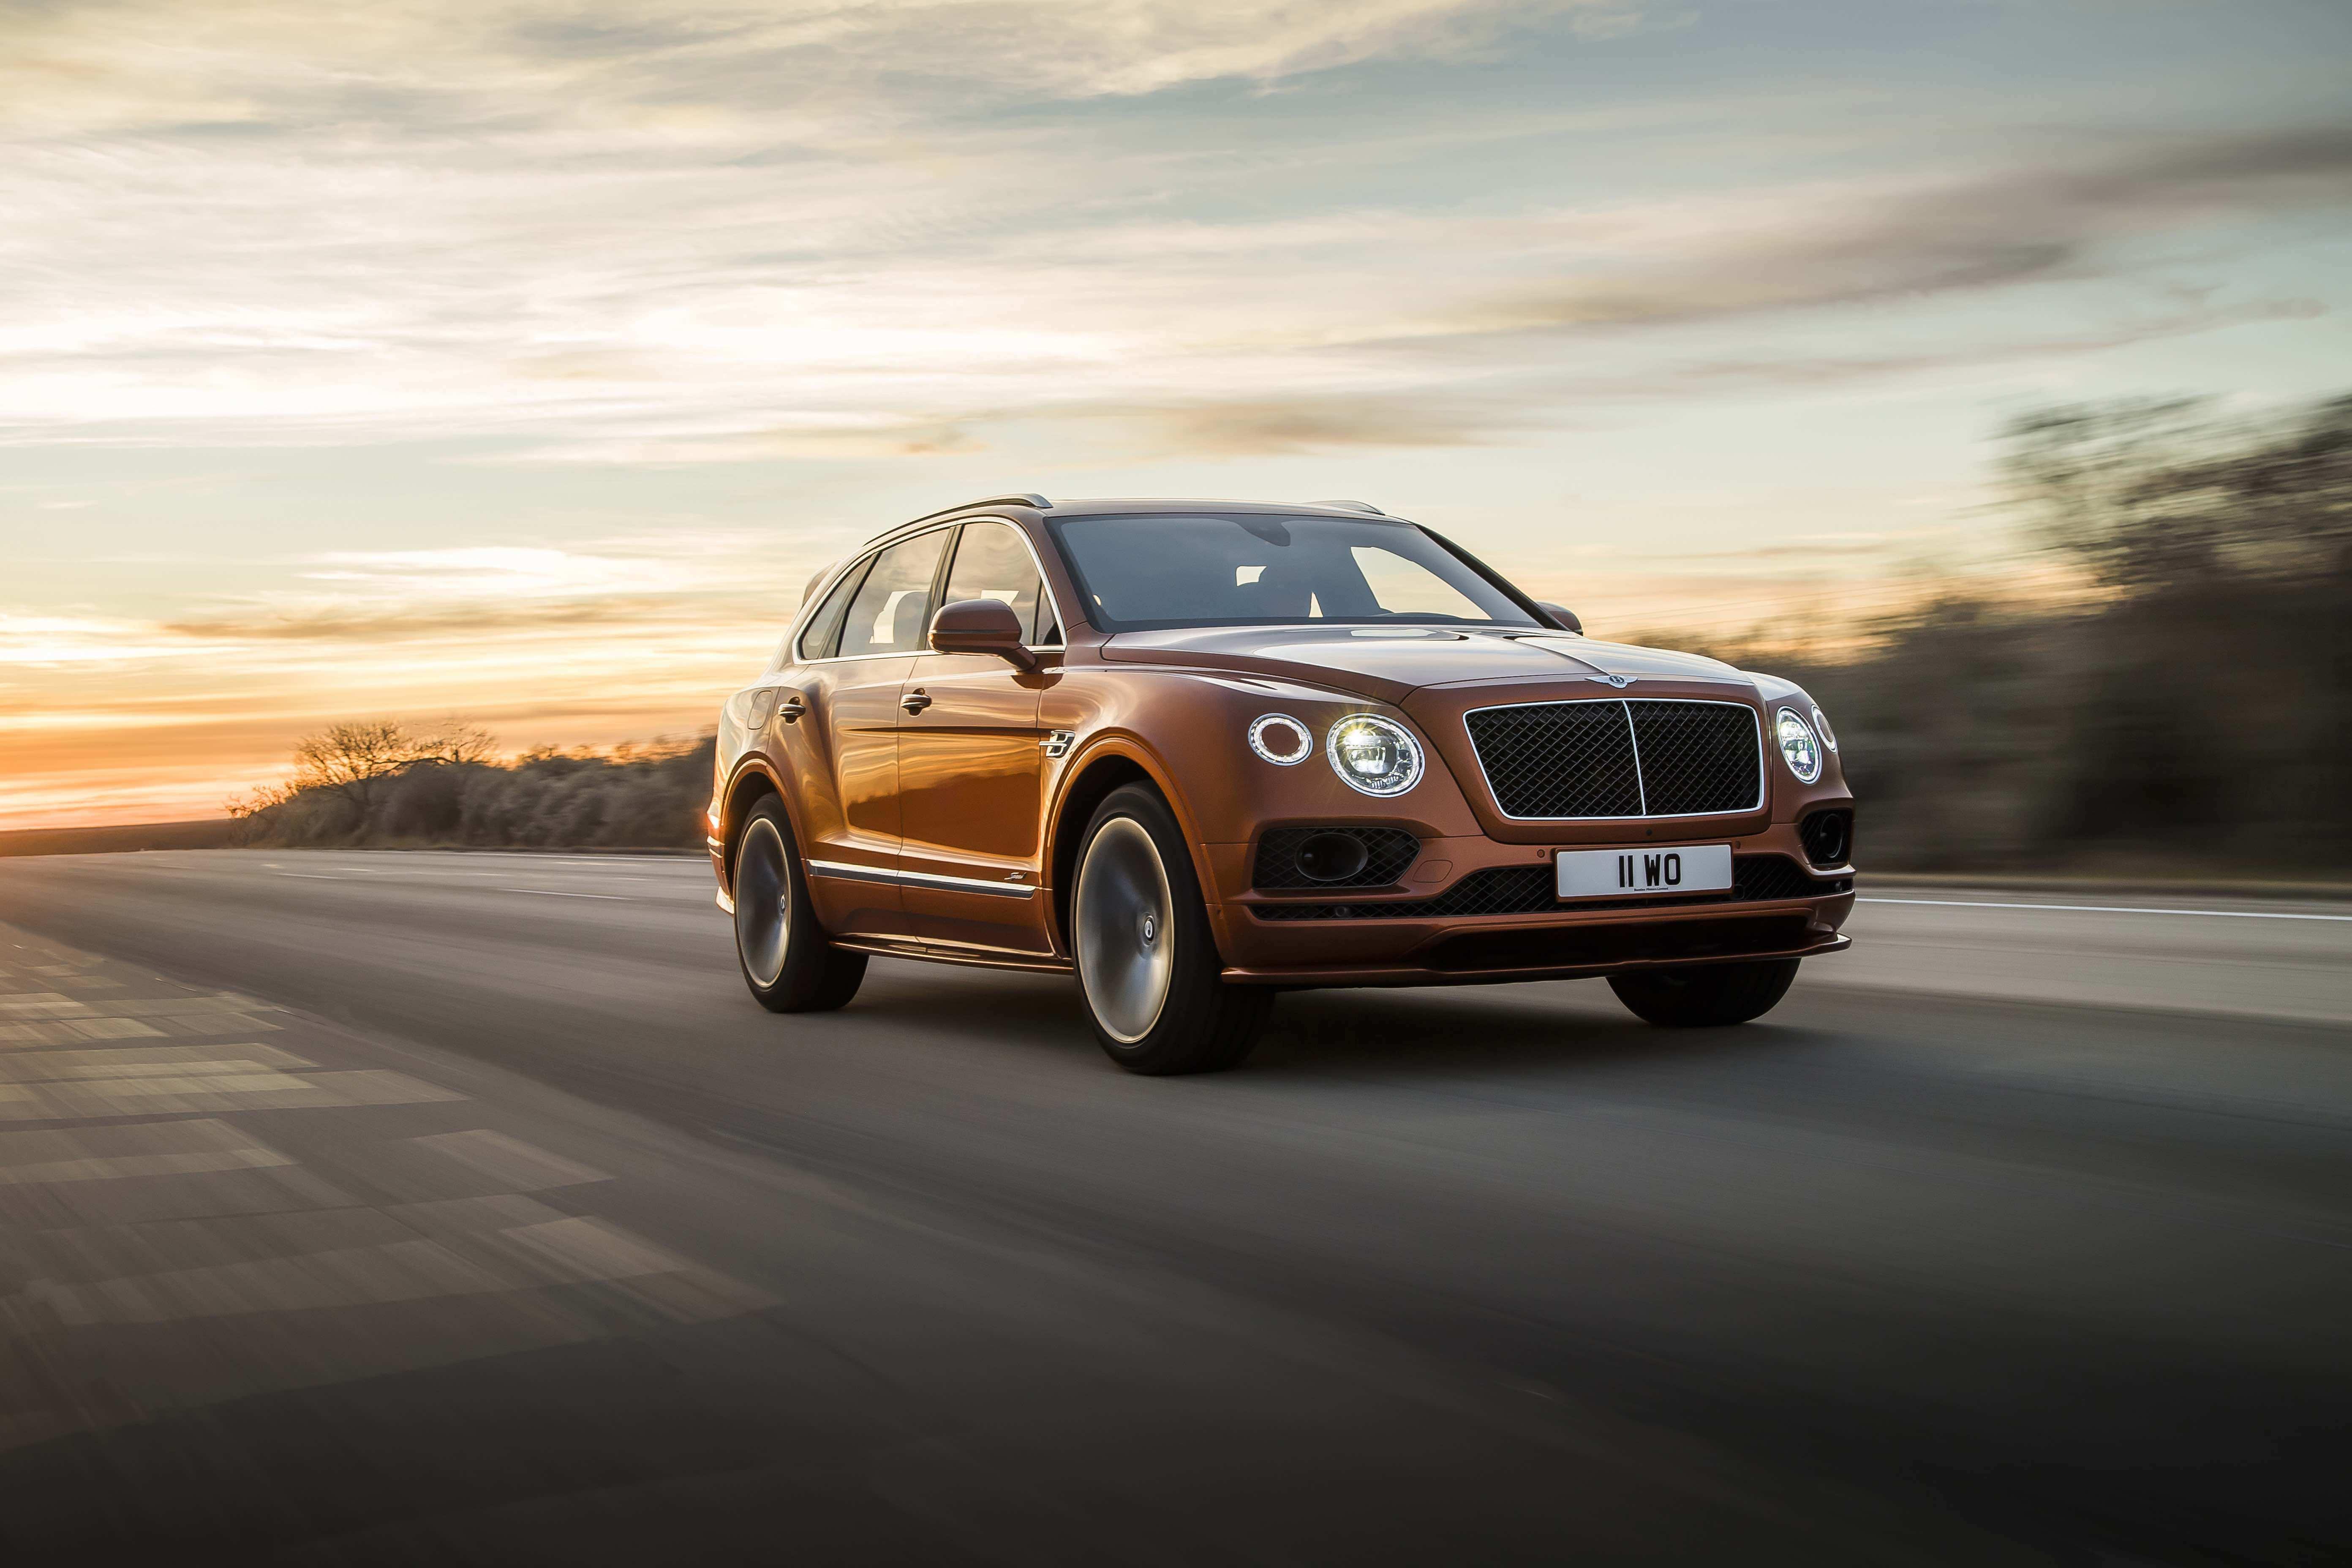 87 New 2019 Bentley Bentayga Release Date Speed Test by 2019 Bentley Bentayga Release Date